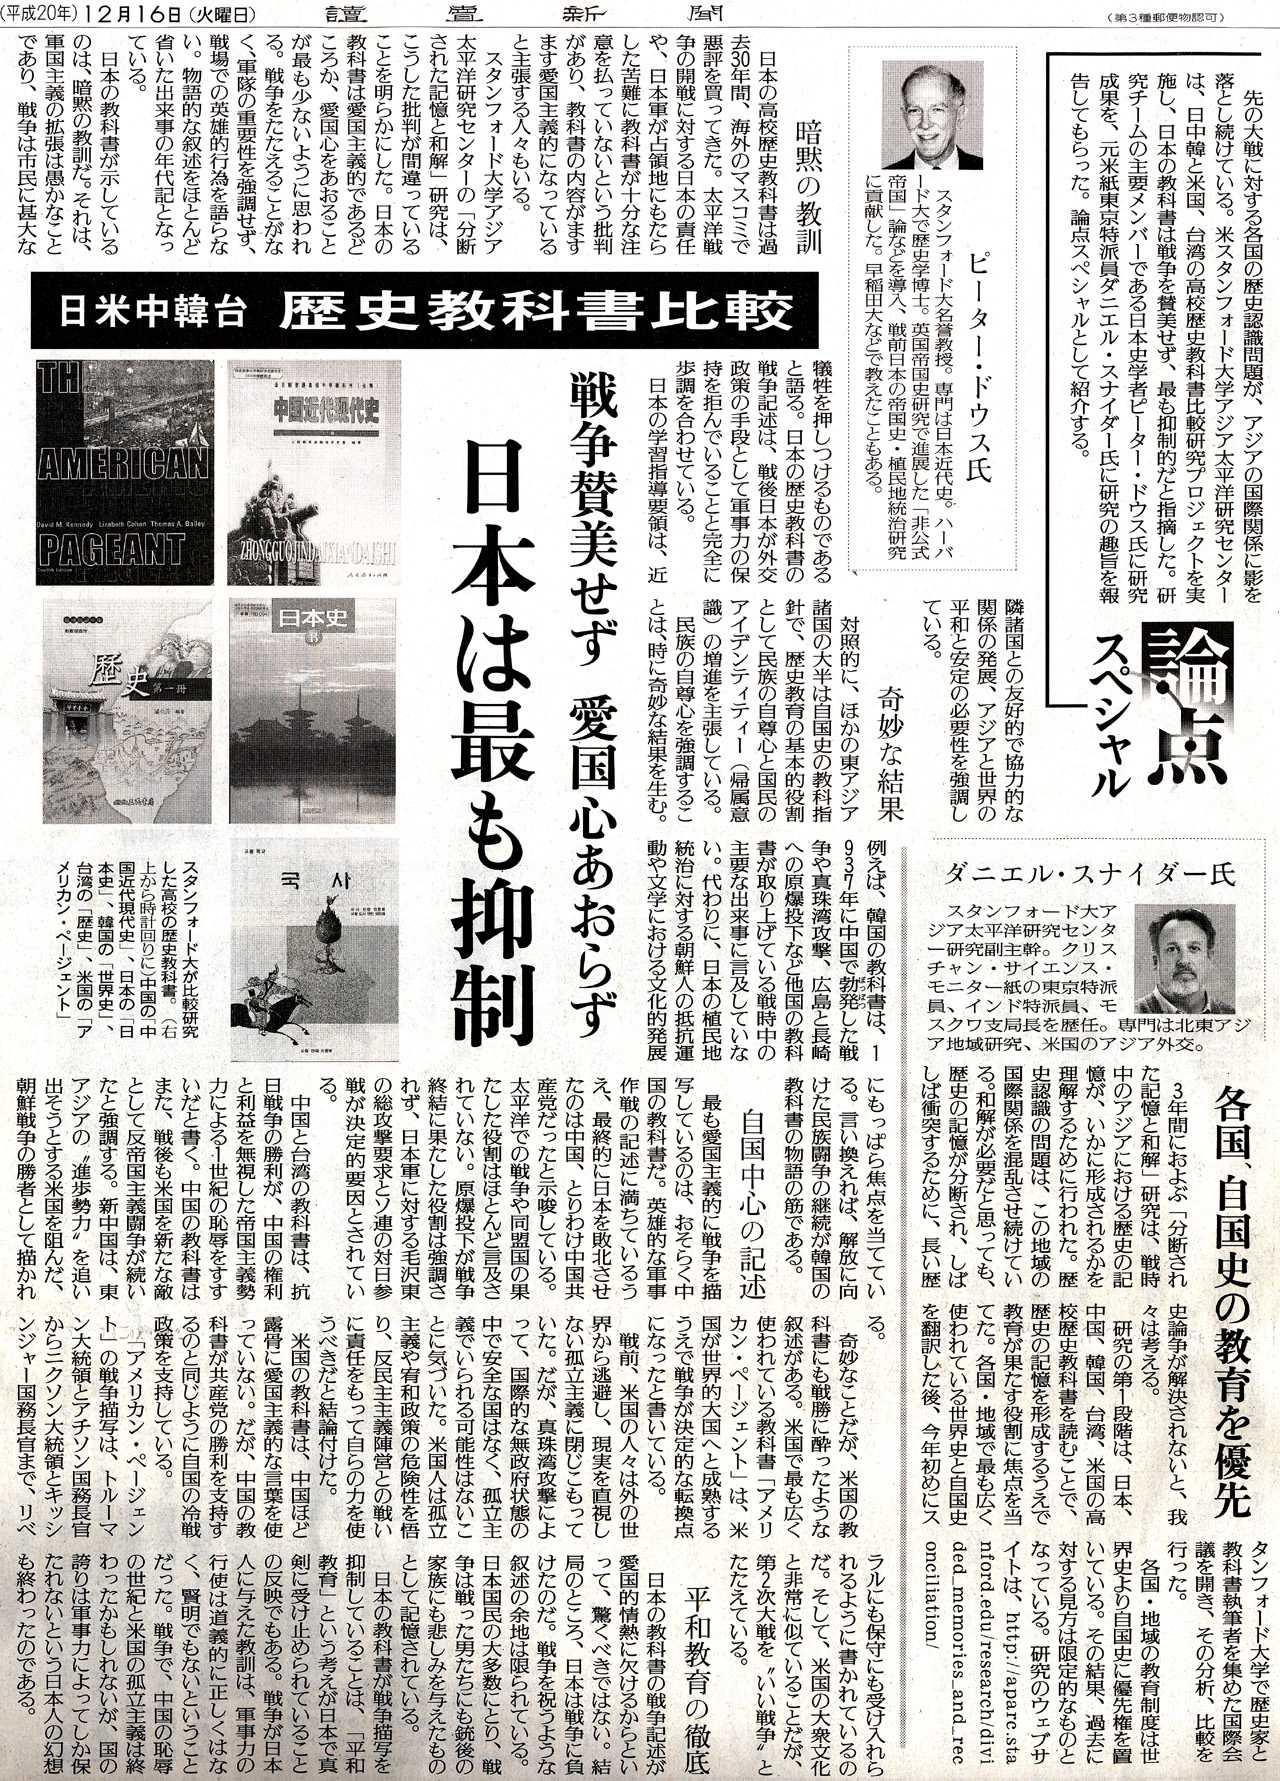 http://blogimg.goo.ne.jp/user_image/11/c6/ecd7fcf1156e71e0147b1f09a9398905.jpg